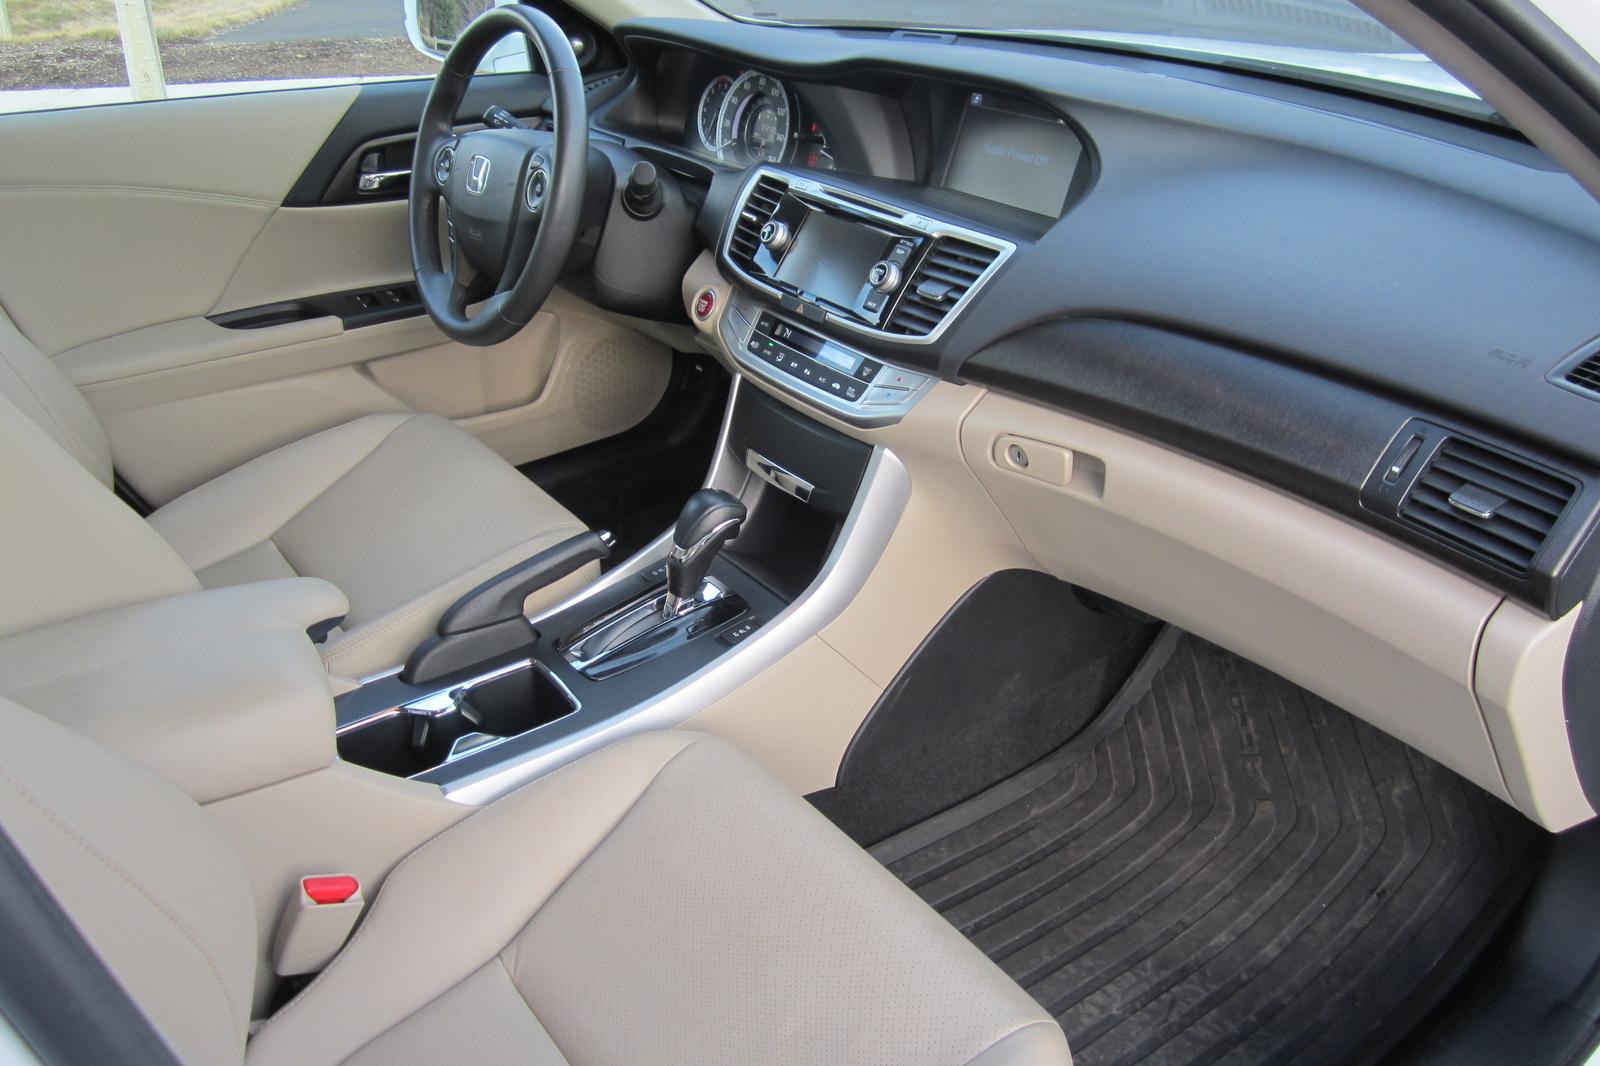 2014 honda accord pictures cargurus - Honda accord coupe 2014 interior ...